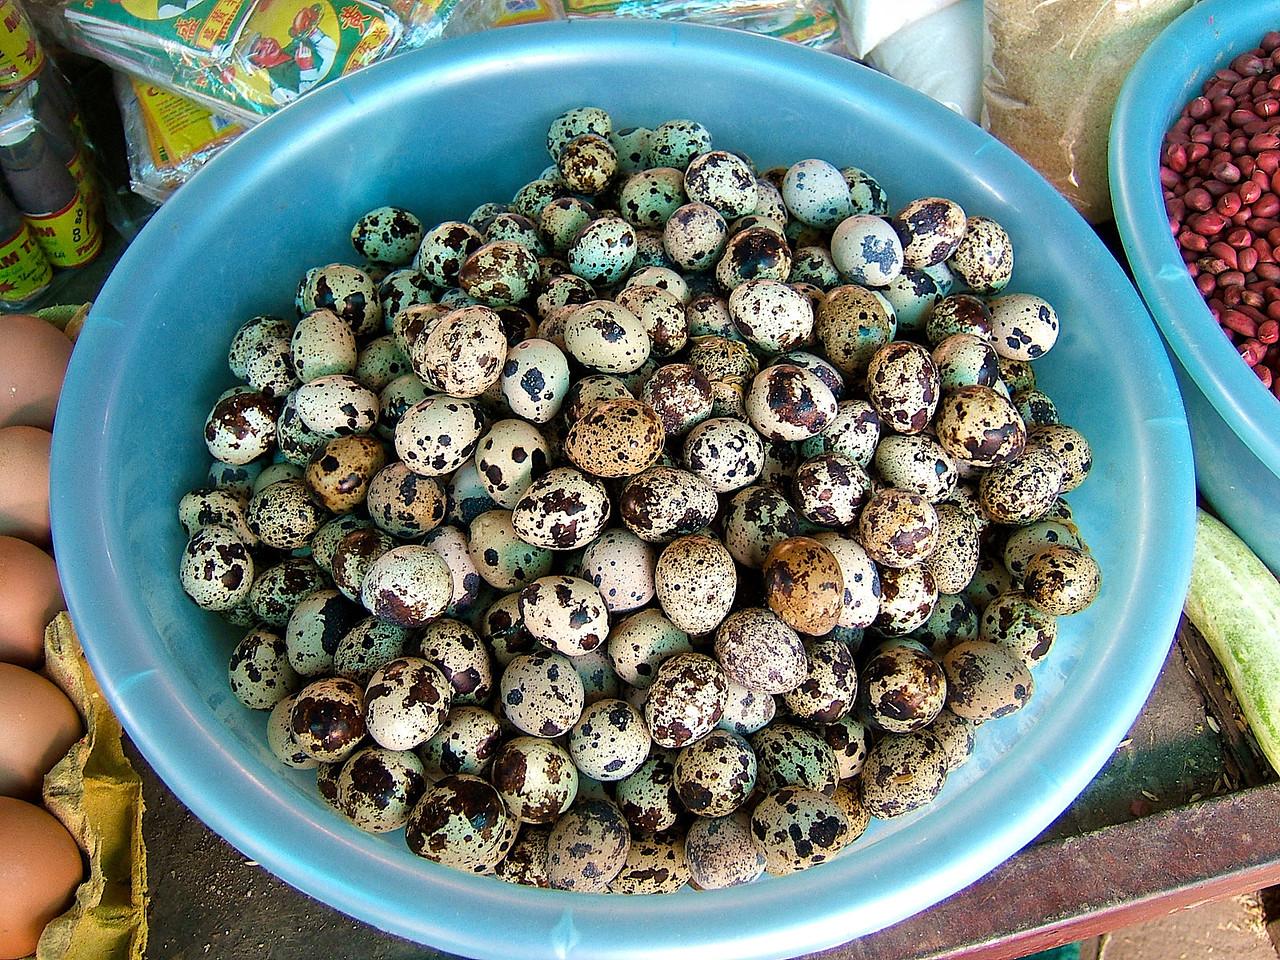 …bird eggs are also a popular delicacy.